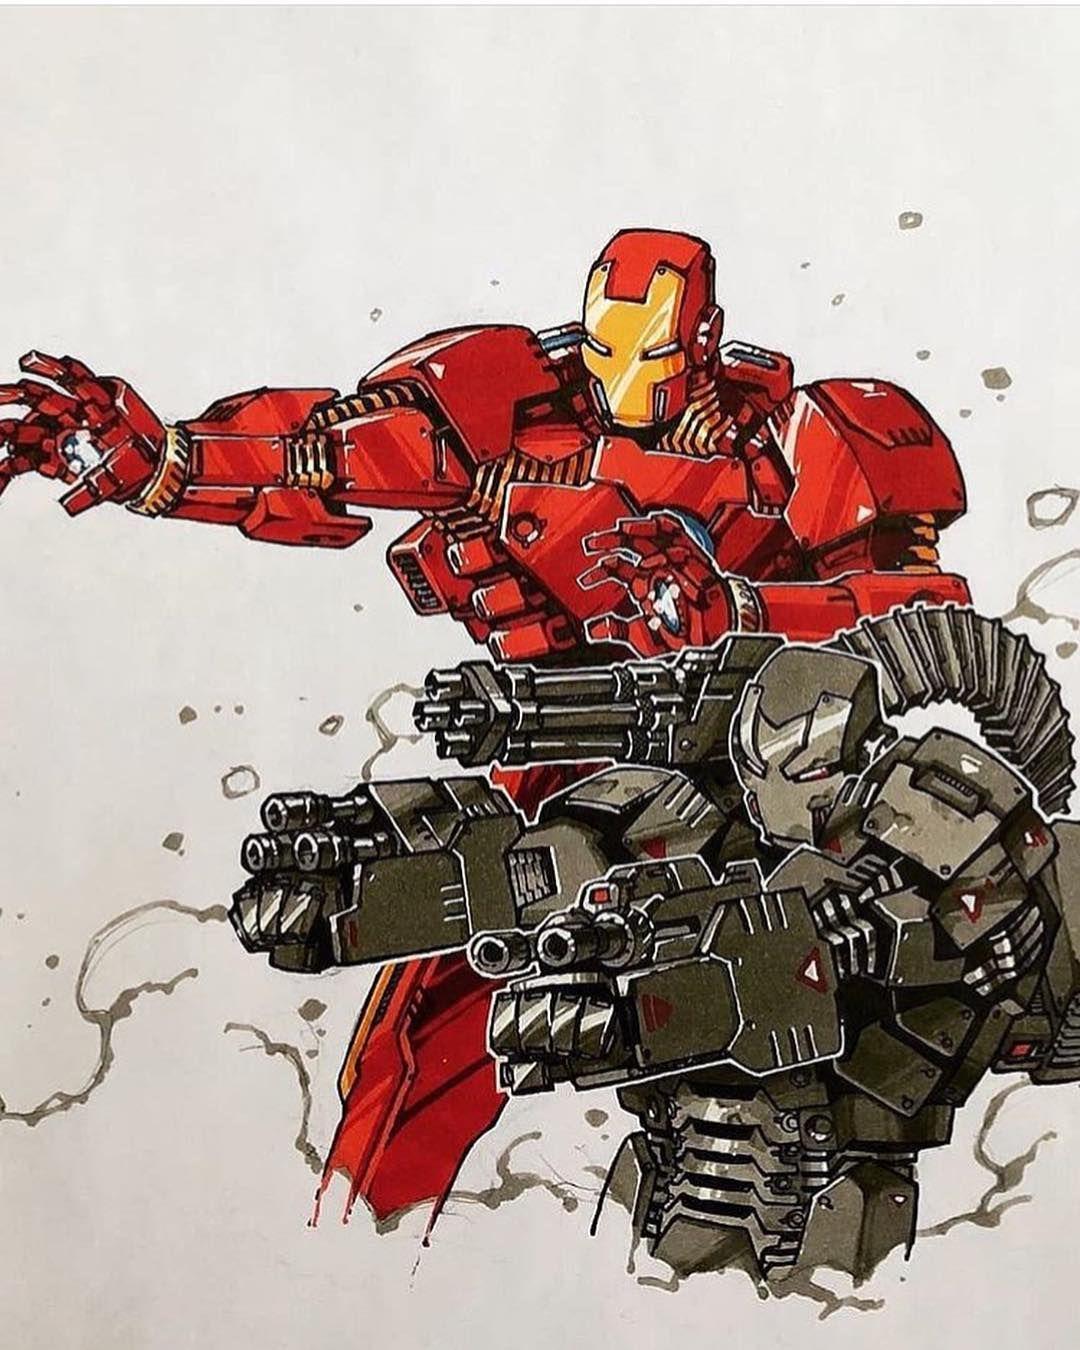 Iron Man and War Machine by Artemii Myasnikov, 2020